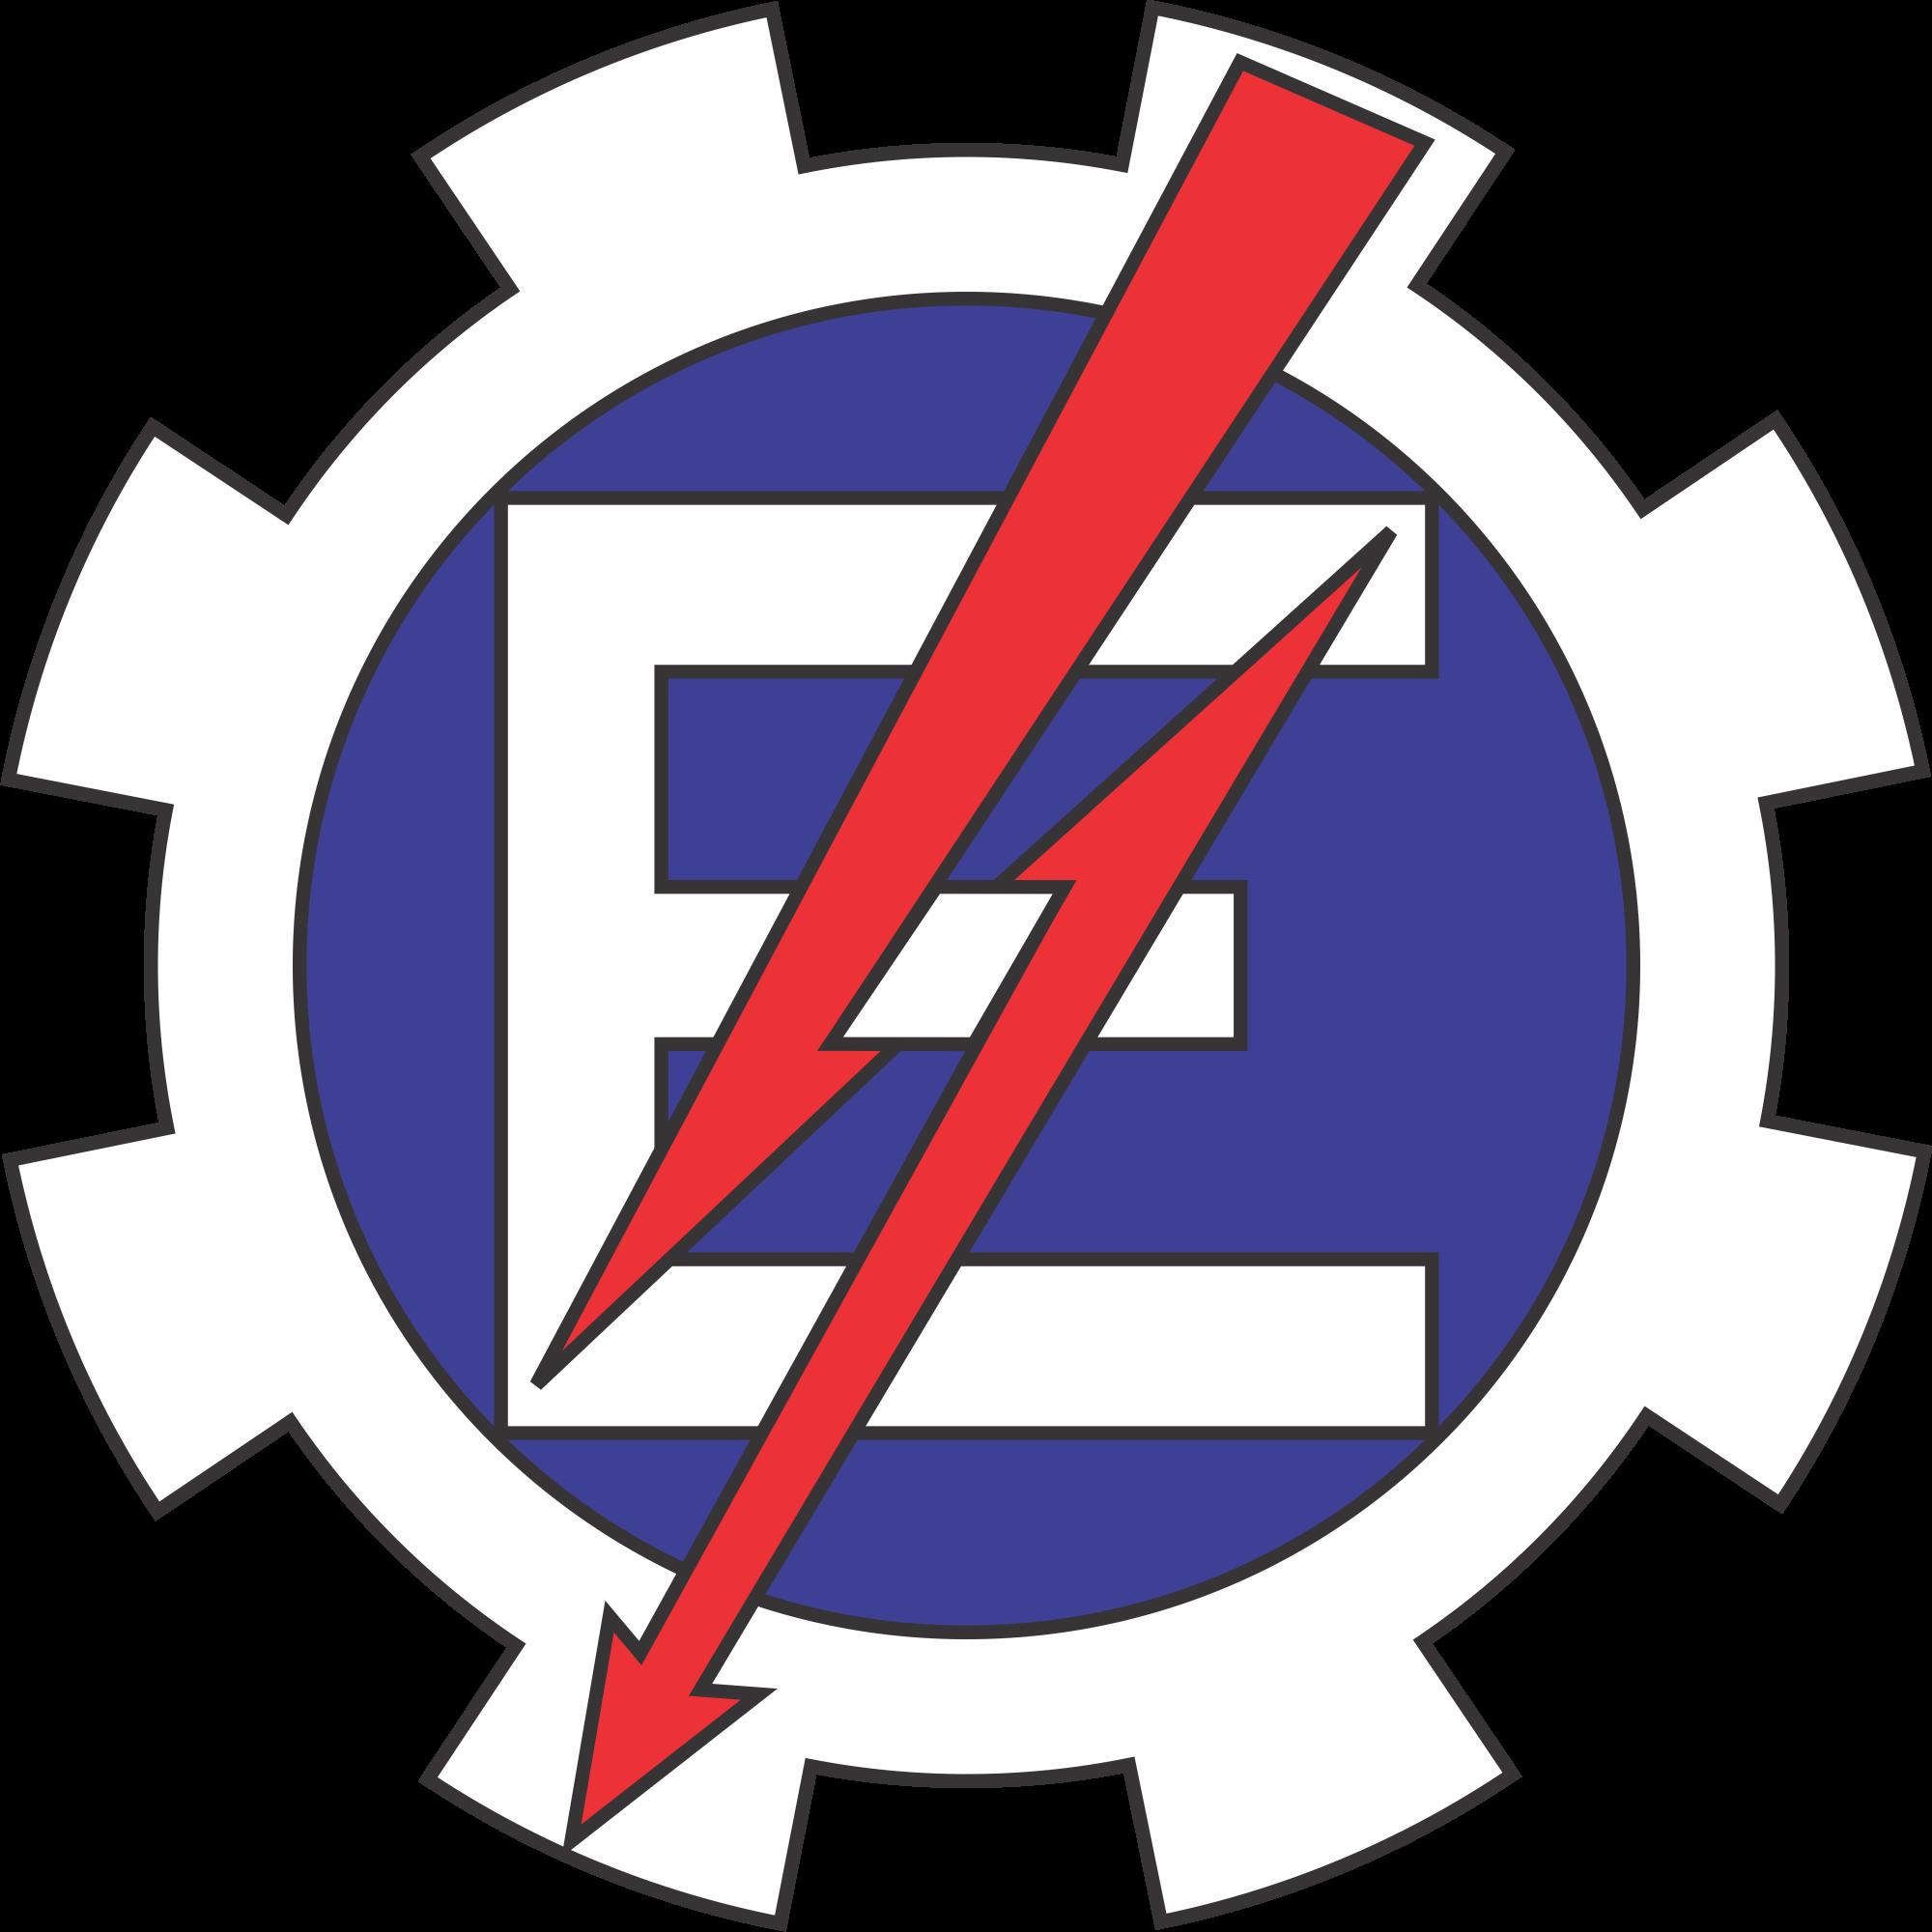 A%2fab%2fefei logo